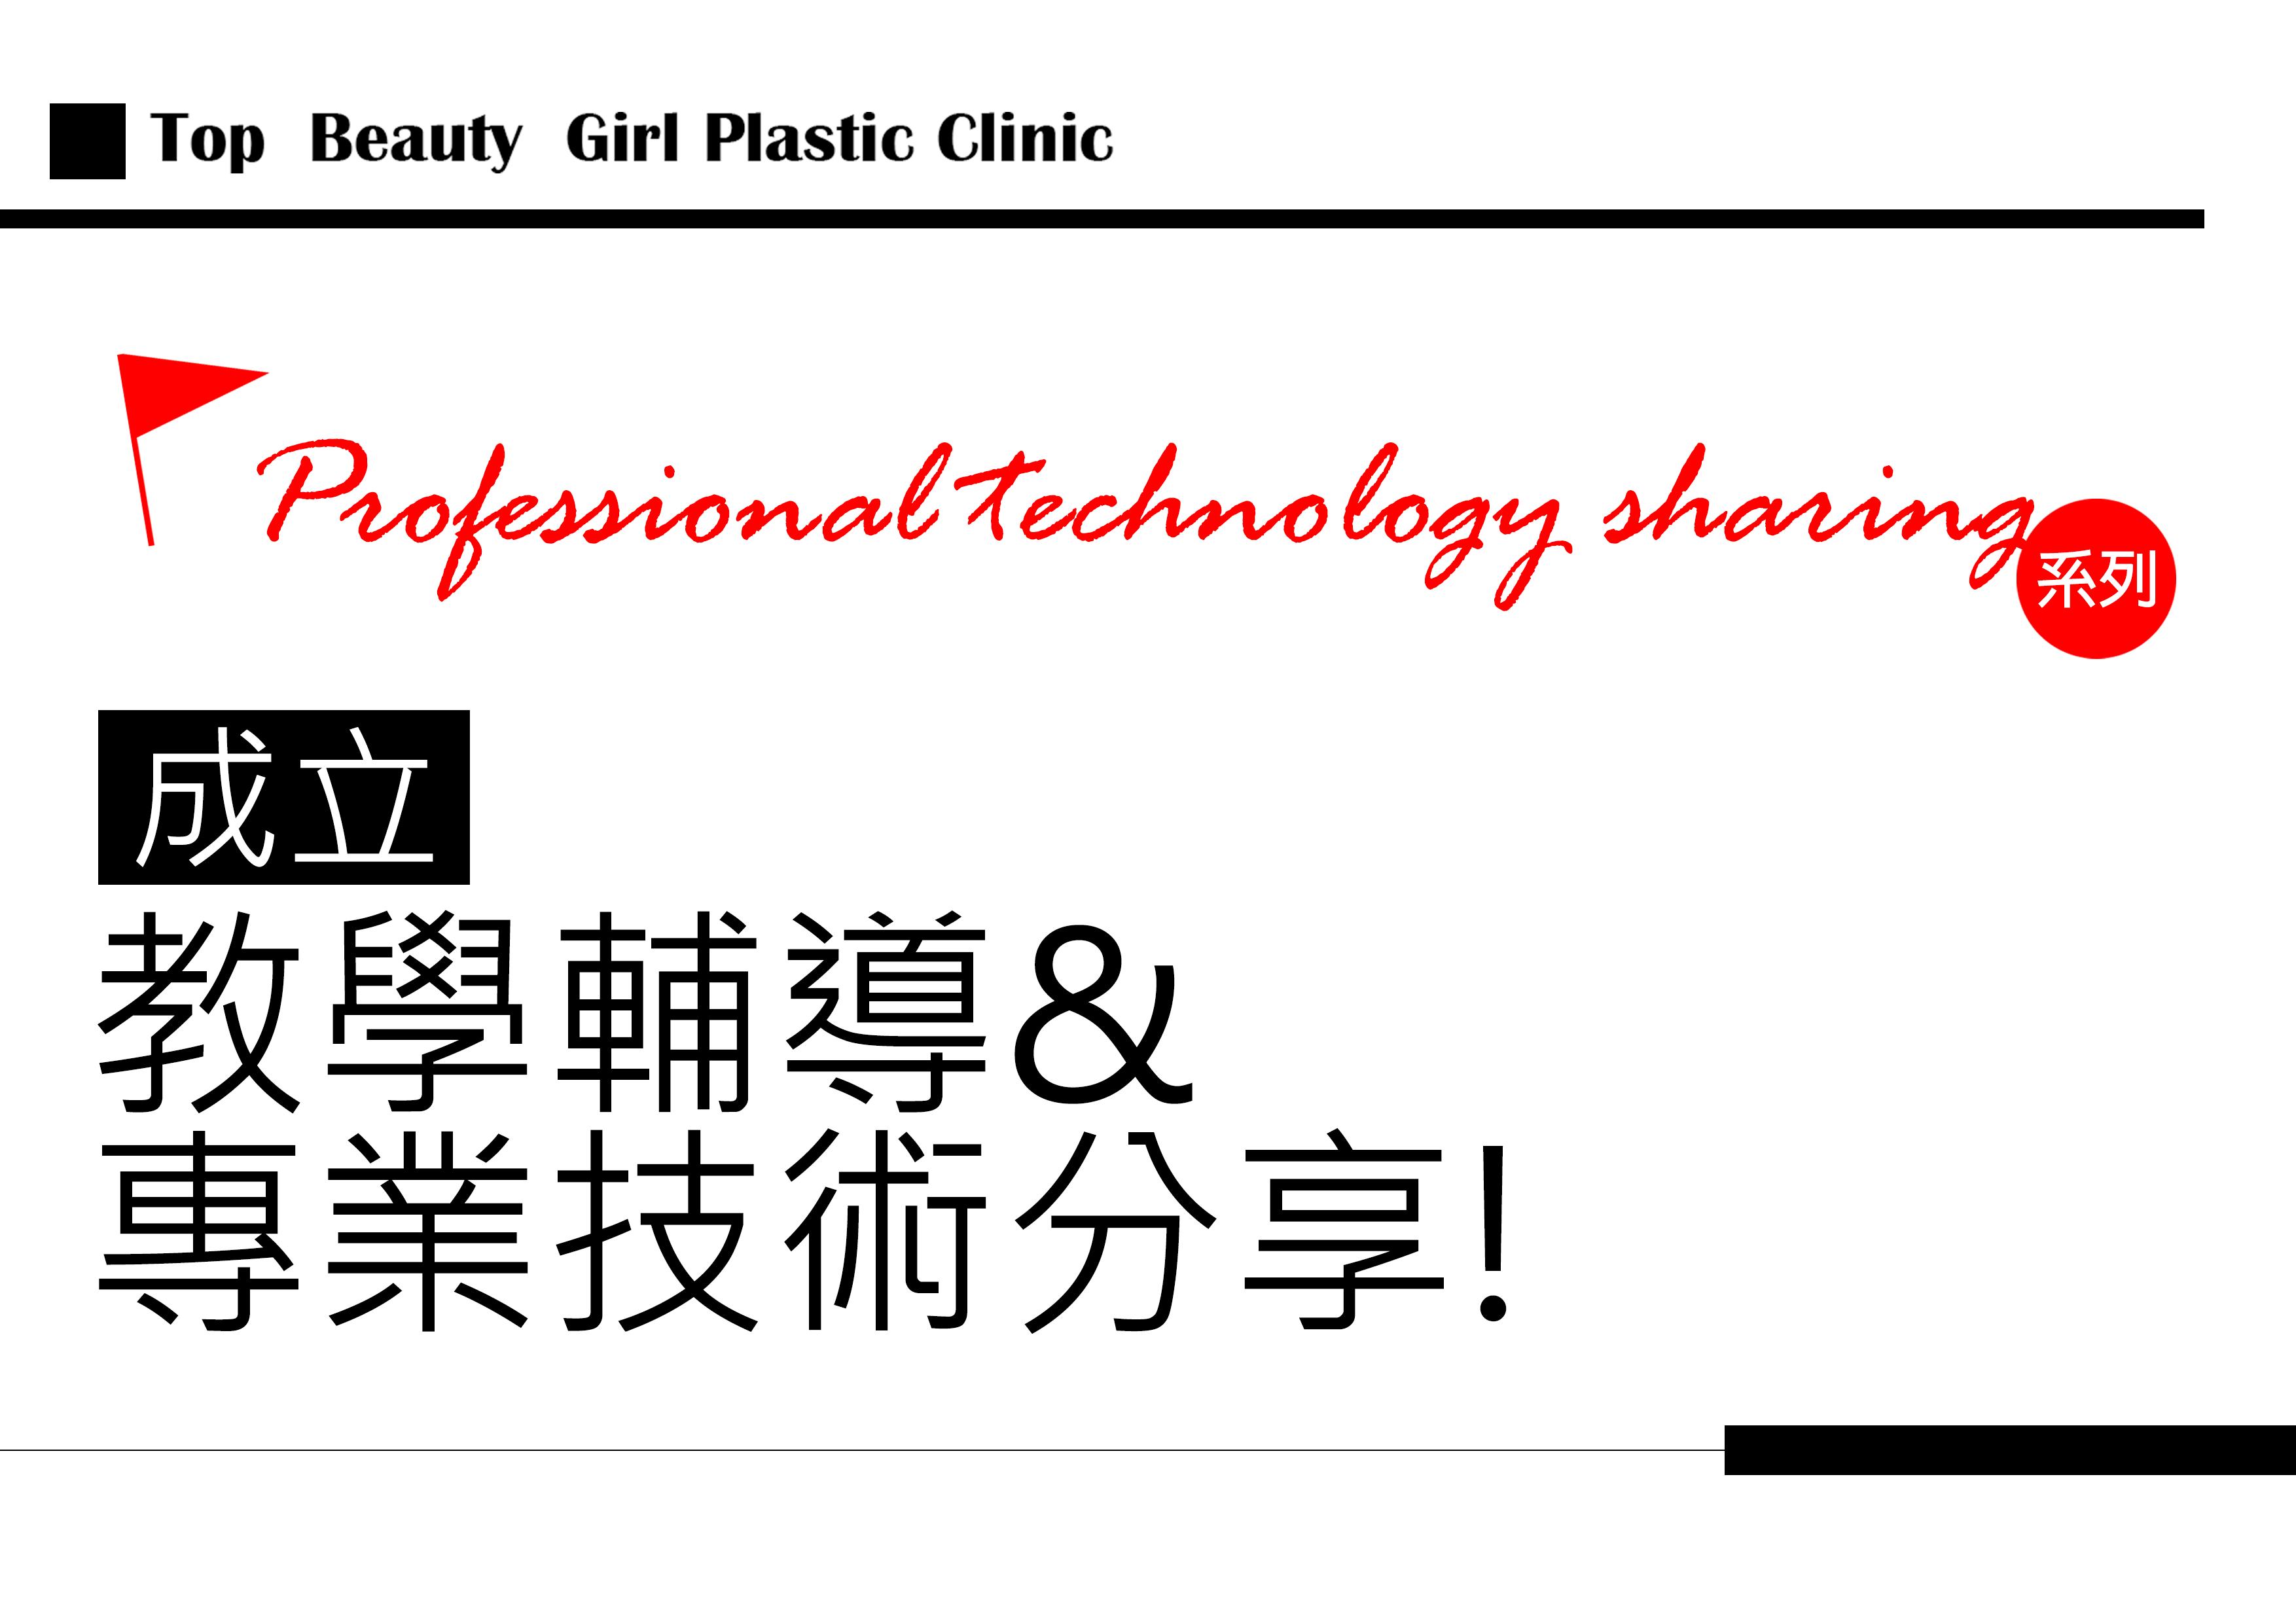 1081025公司網頁文章分享中華協會第一頁